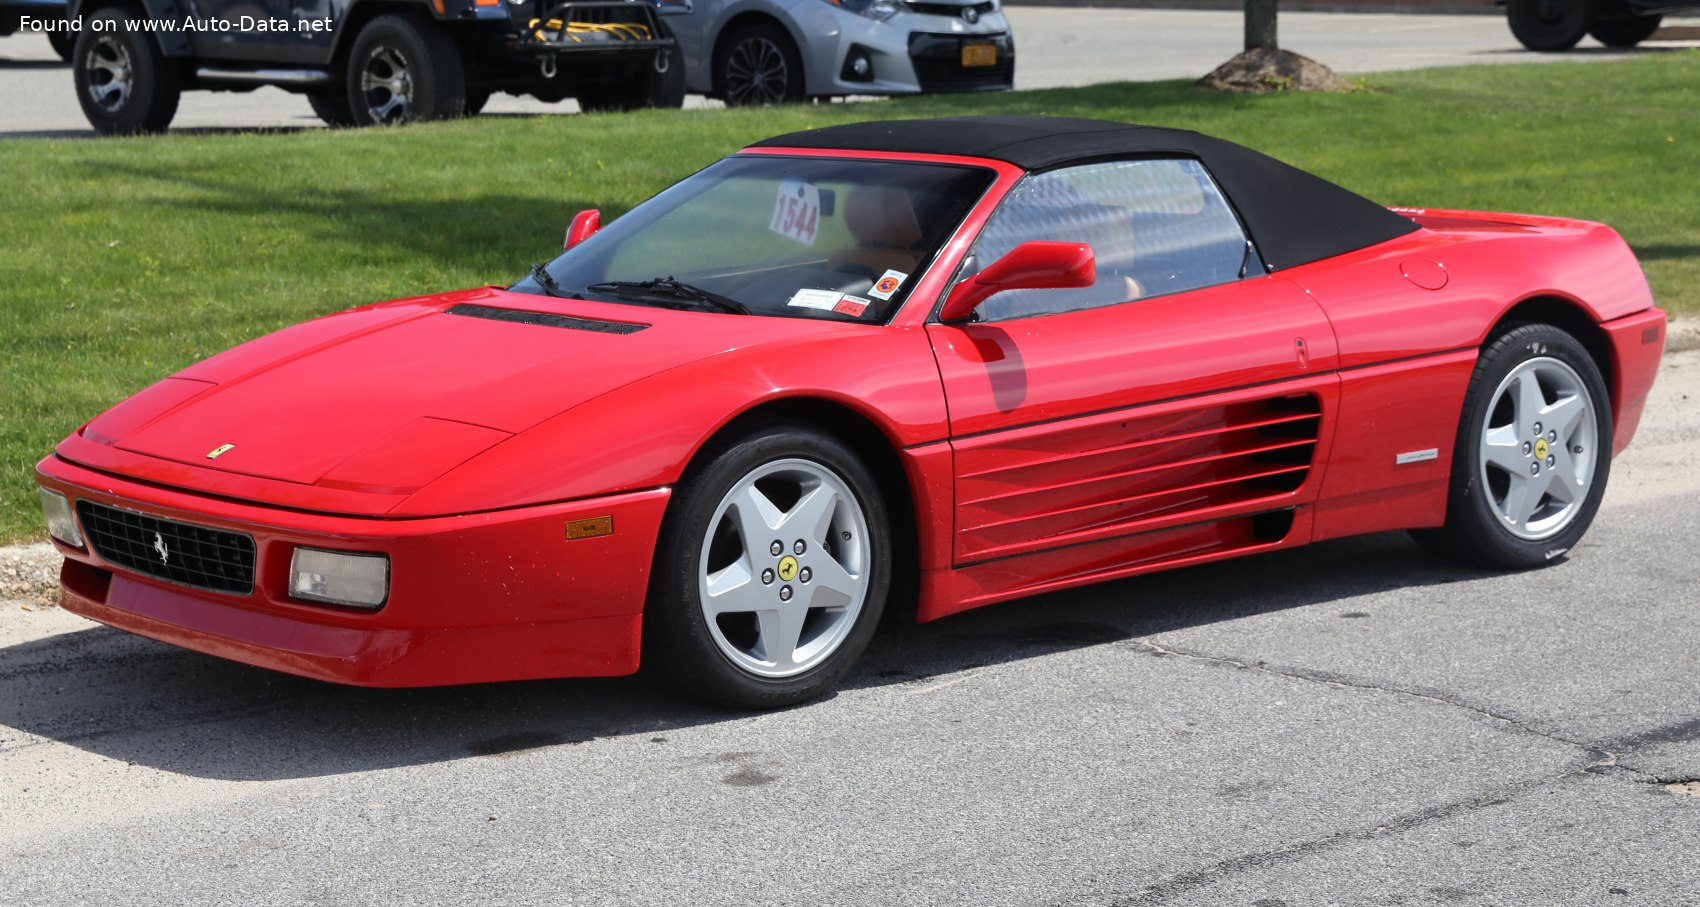 1993 Ferrari 348 Spider 3 4 V8 320 Hp Technical Specs Data Fuel Consumption Dimensions